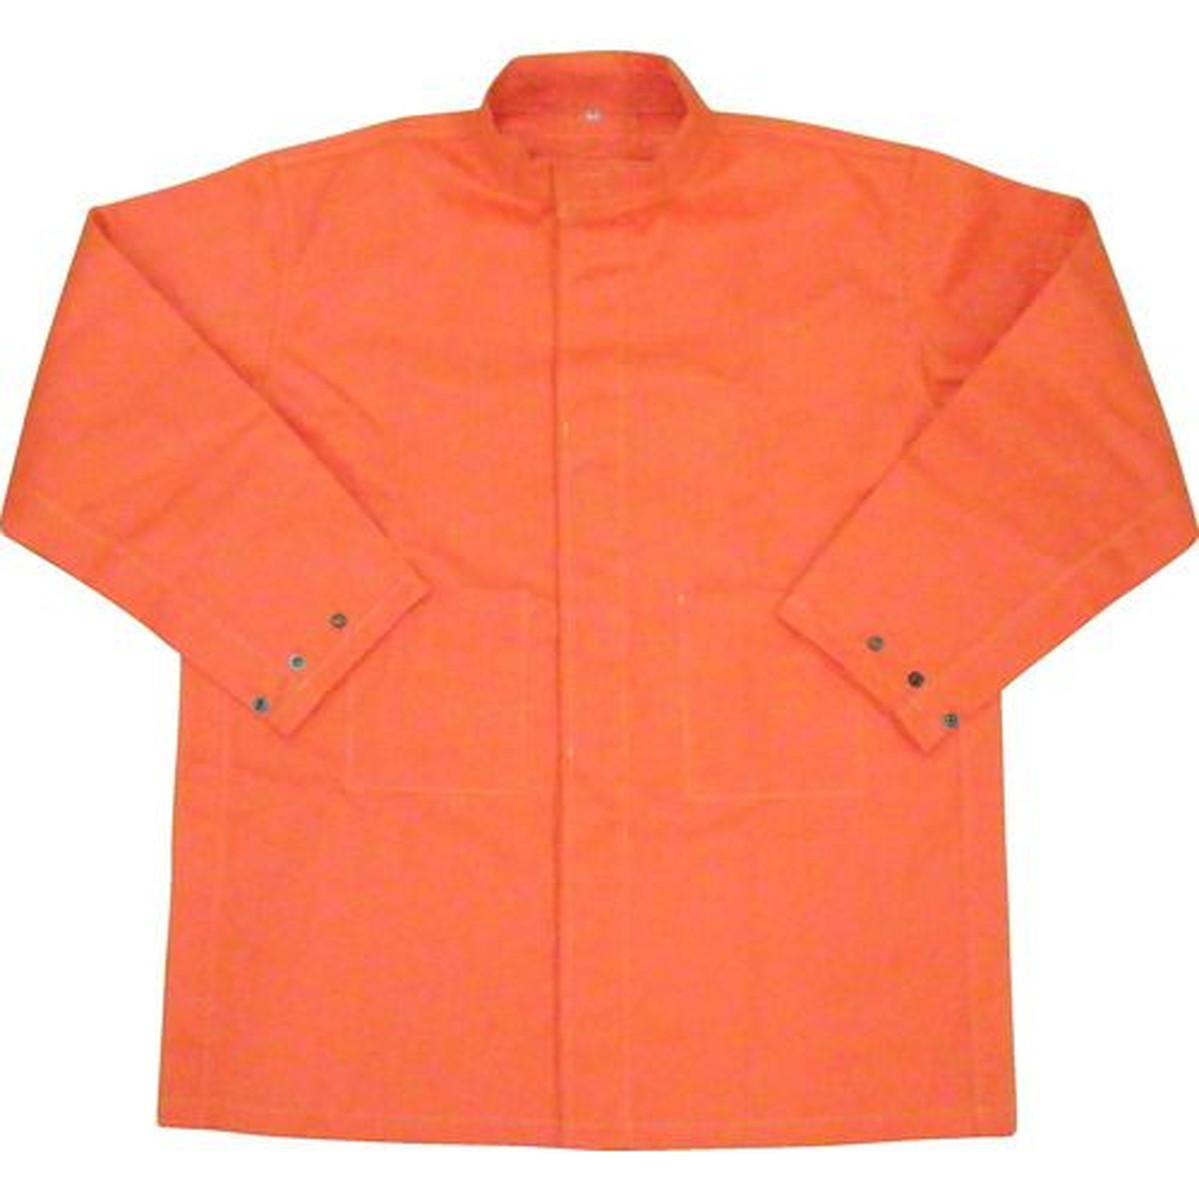 あす楽対応 DIY用品 吉野 ハイブリッド ついに再販開始 耐熱 超特価SALE開催 耐切創 1着 作業服 上着